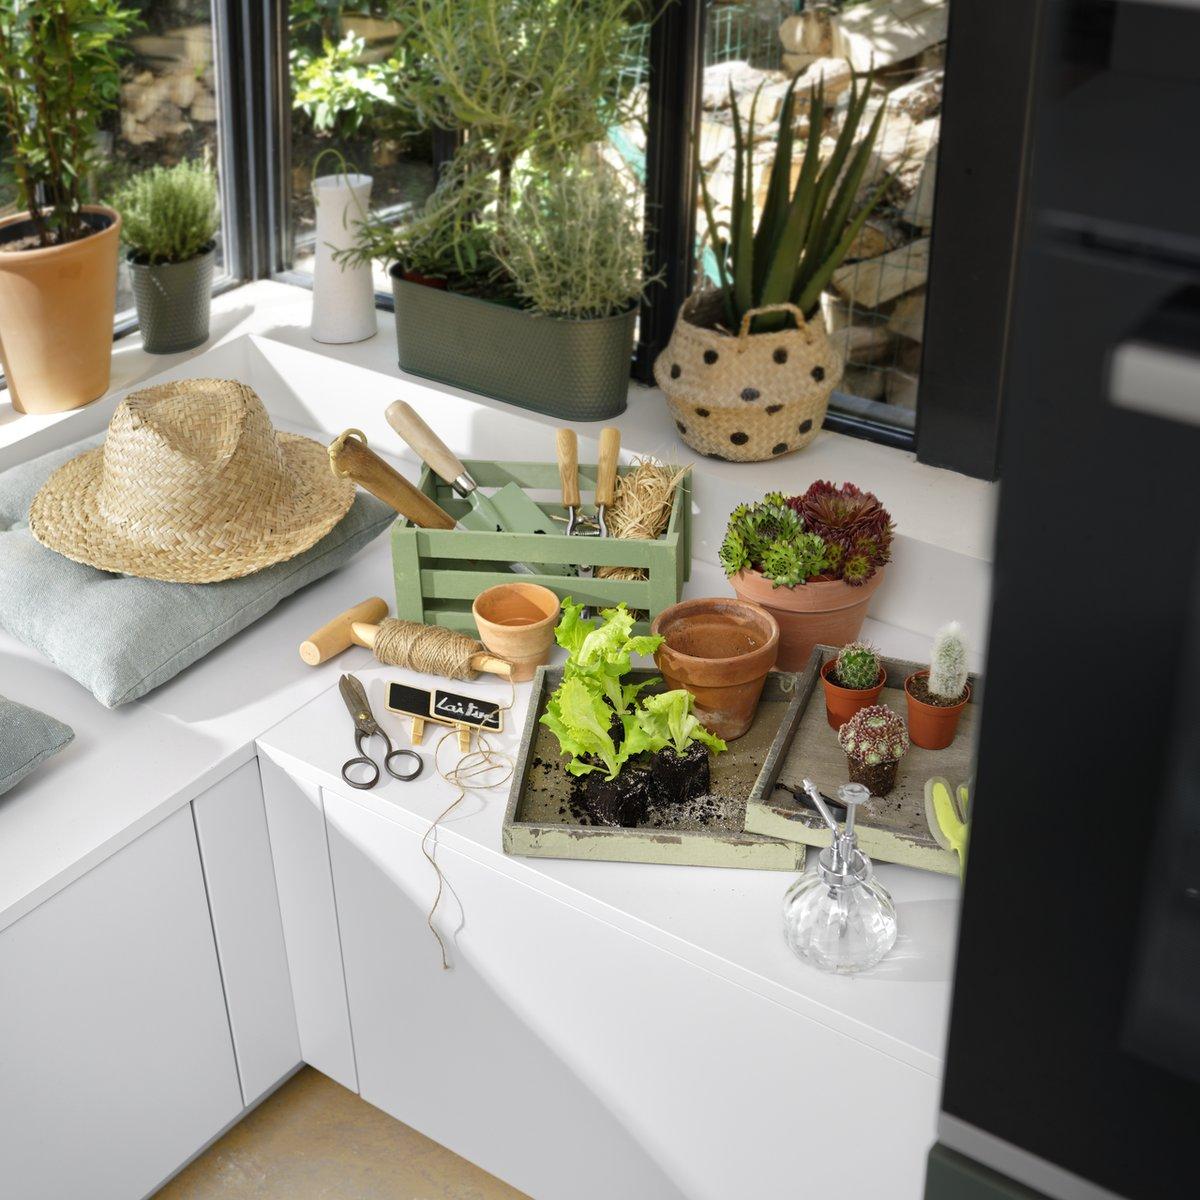 Pour les jardiniers en herbe ou confirmés, Schmidt a imaginé dans cette cuisine un espace pour rempoter, bouturer et tailler ses plantes…